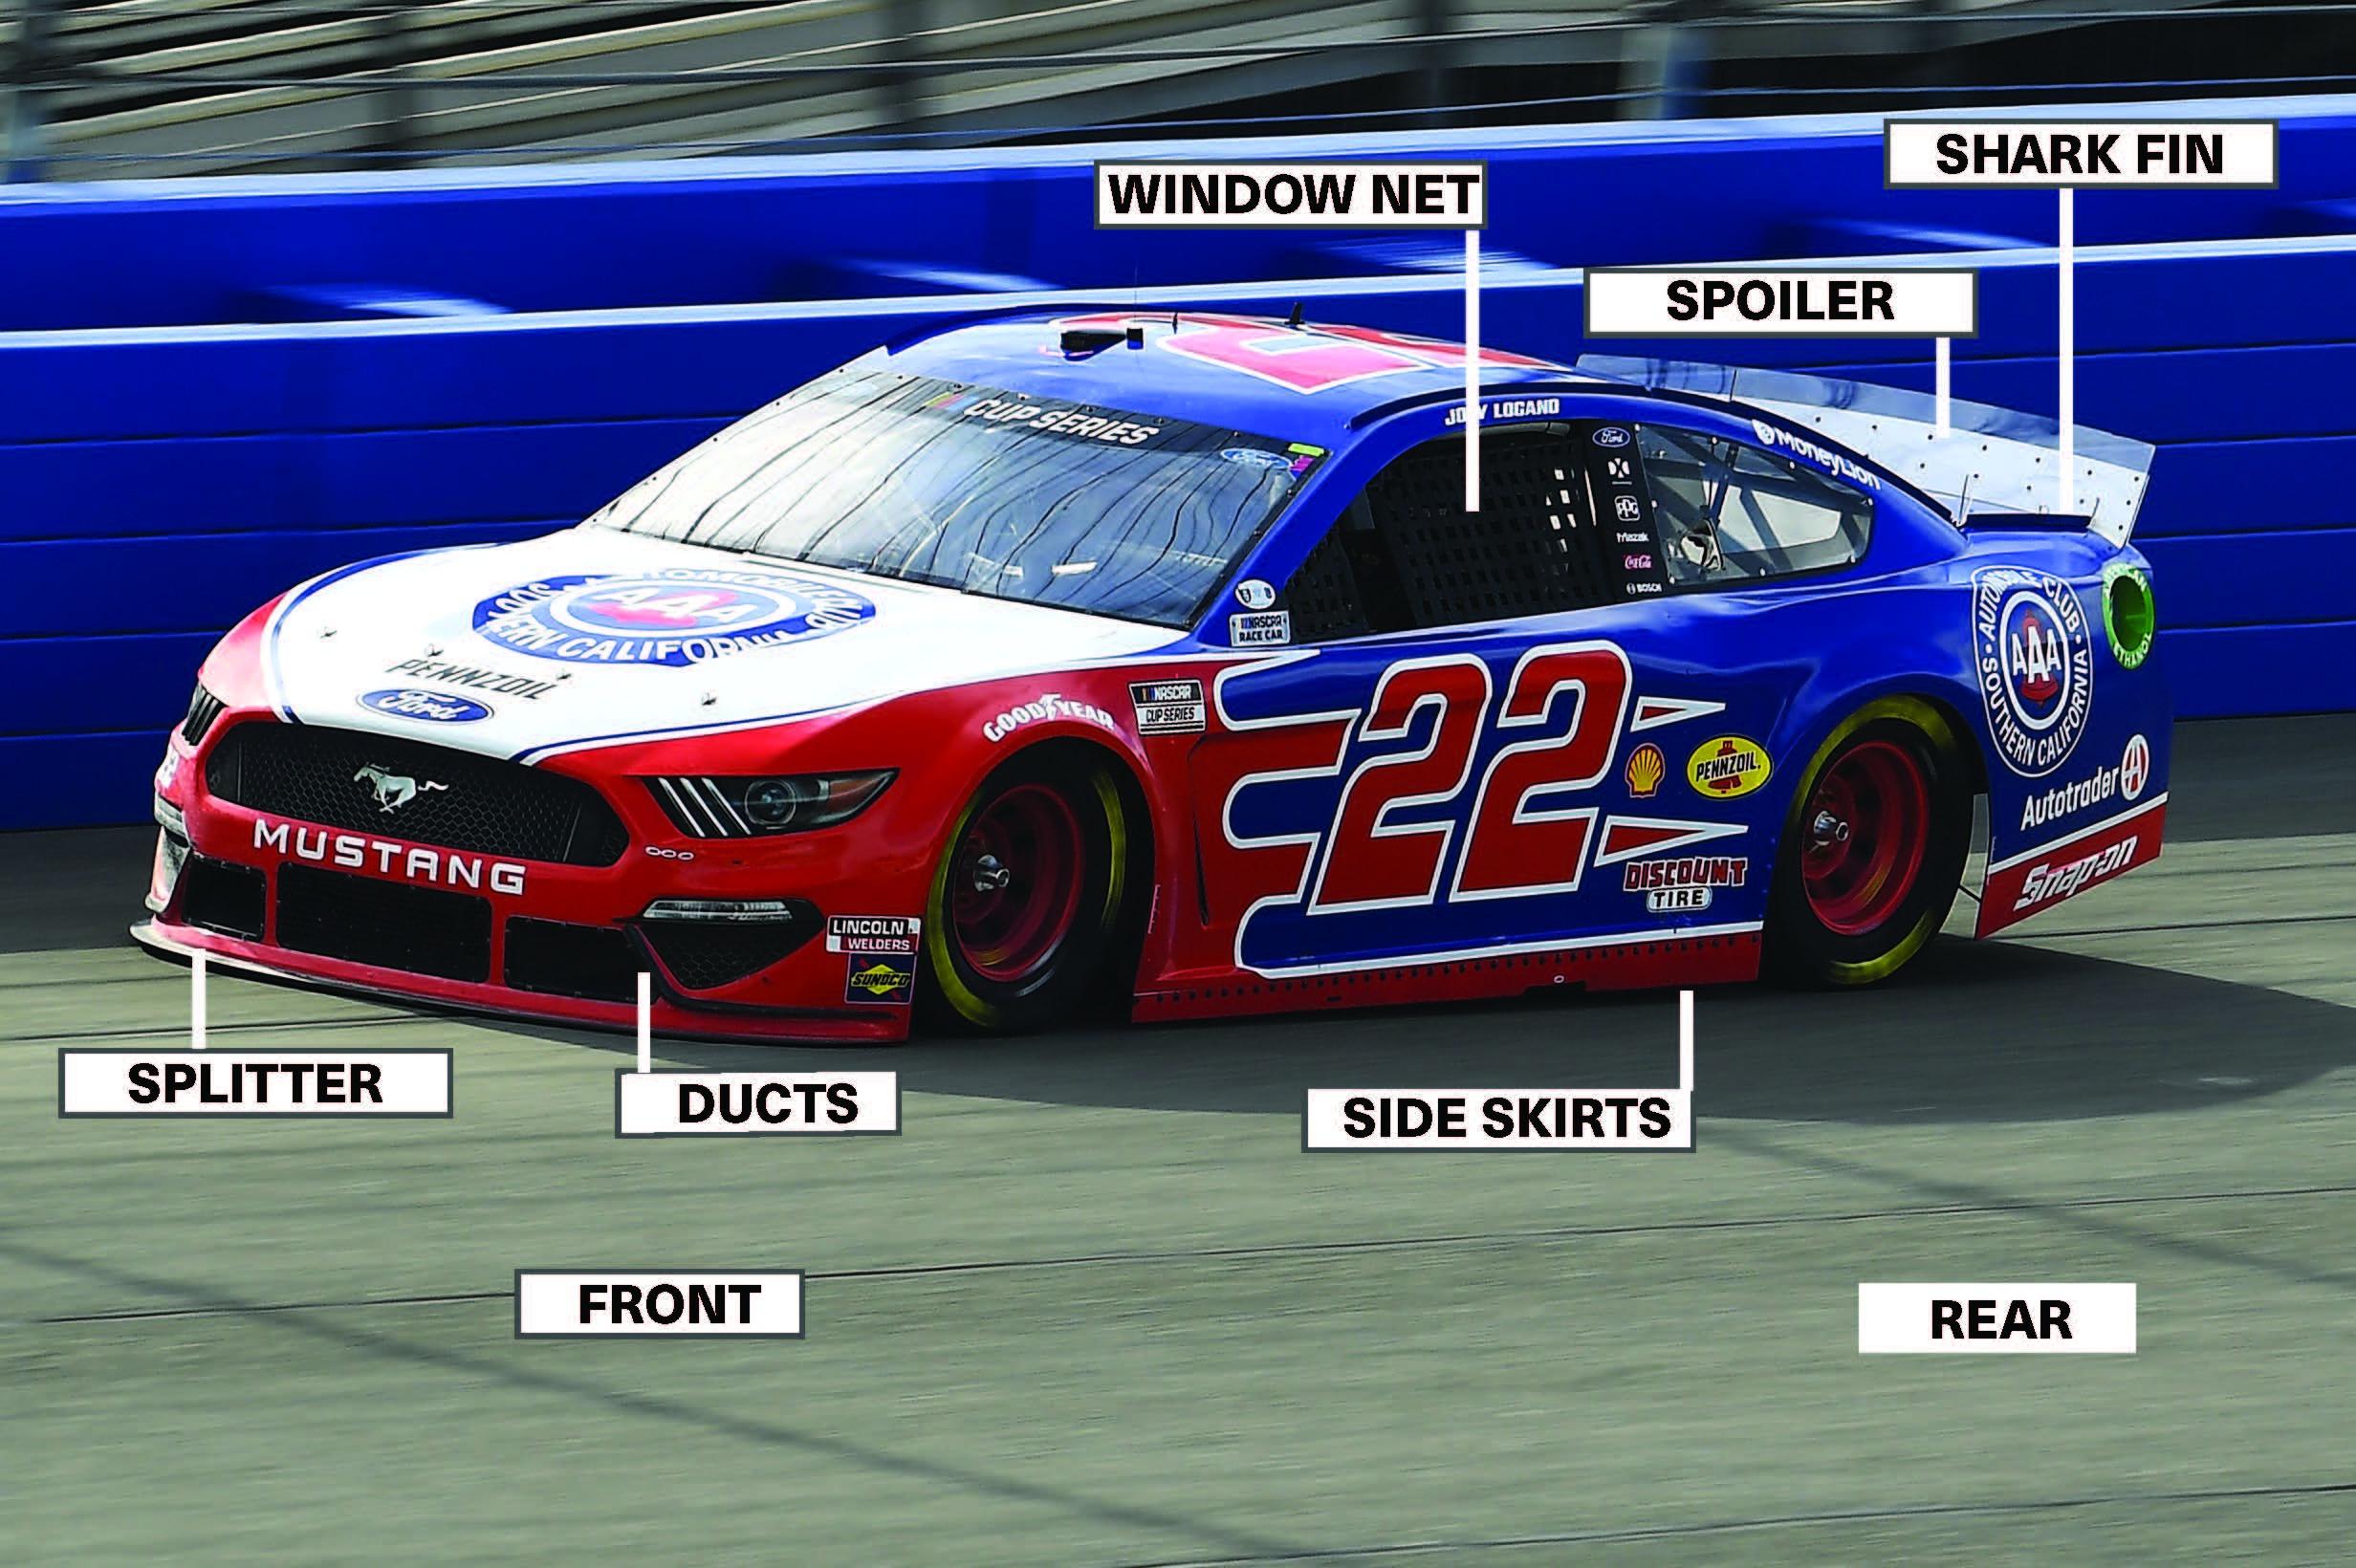 NASCAR Aerodynamics